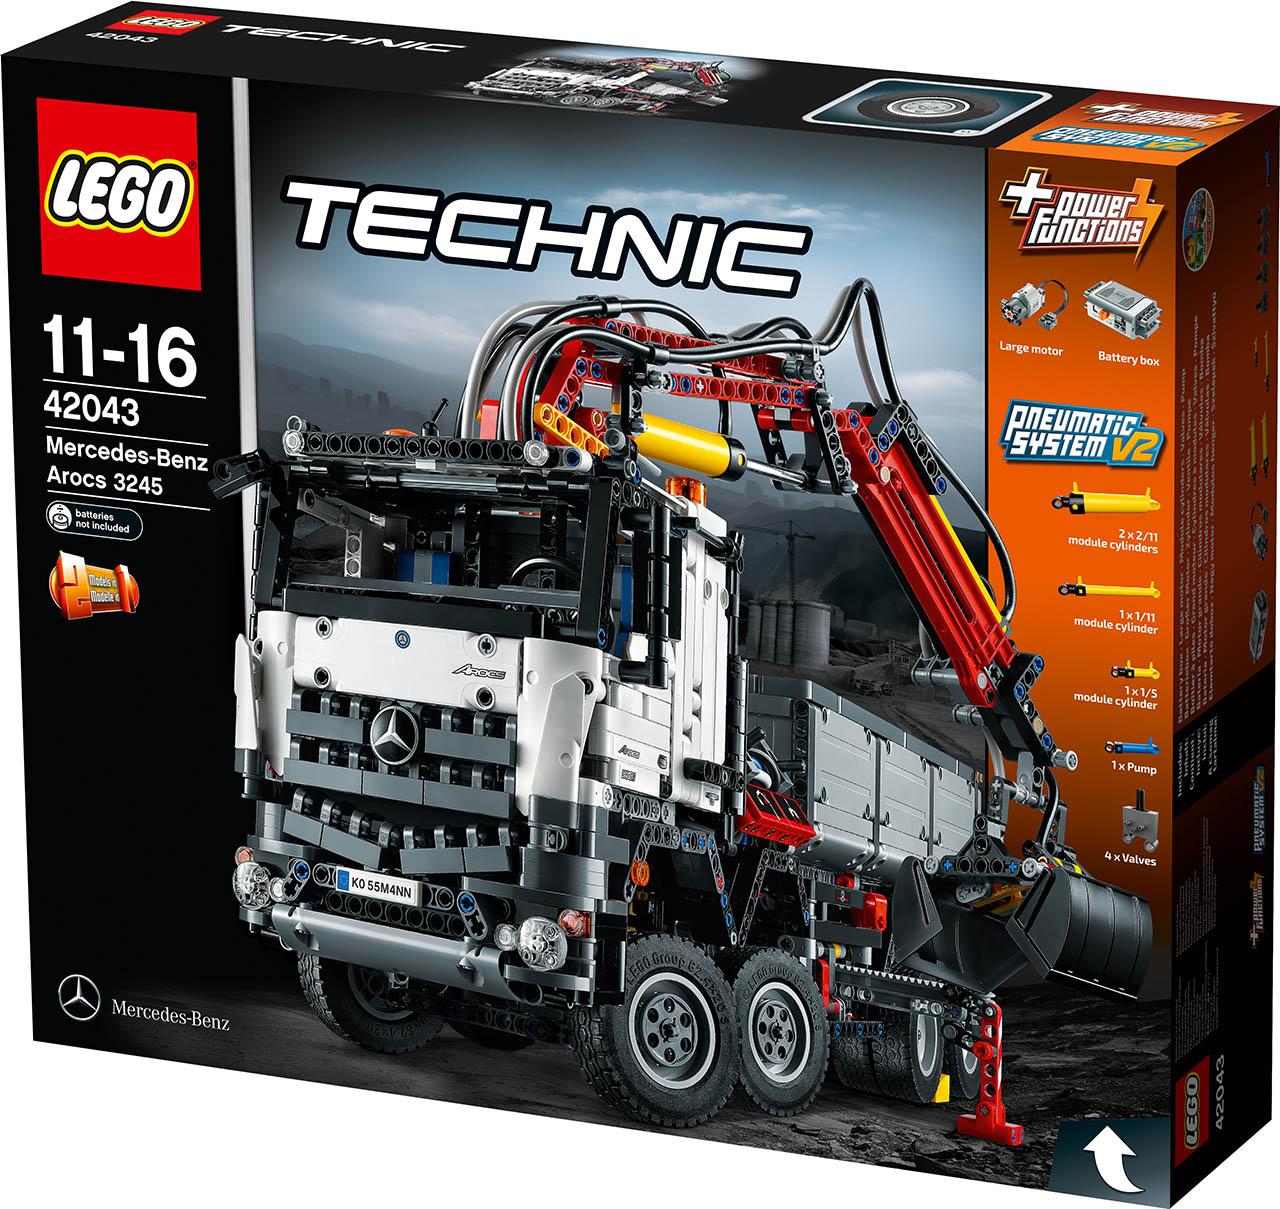 lego technics recria mercedes benz arocs 3245 motor. Black Bedroom Furniture Sets. Home Design Ideas